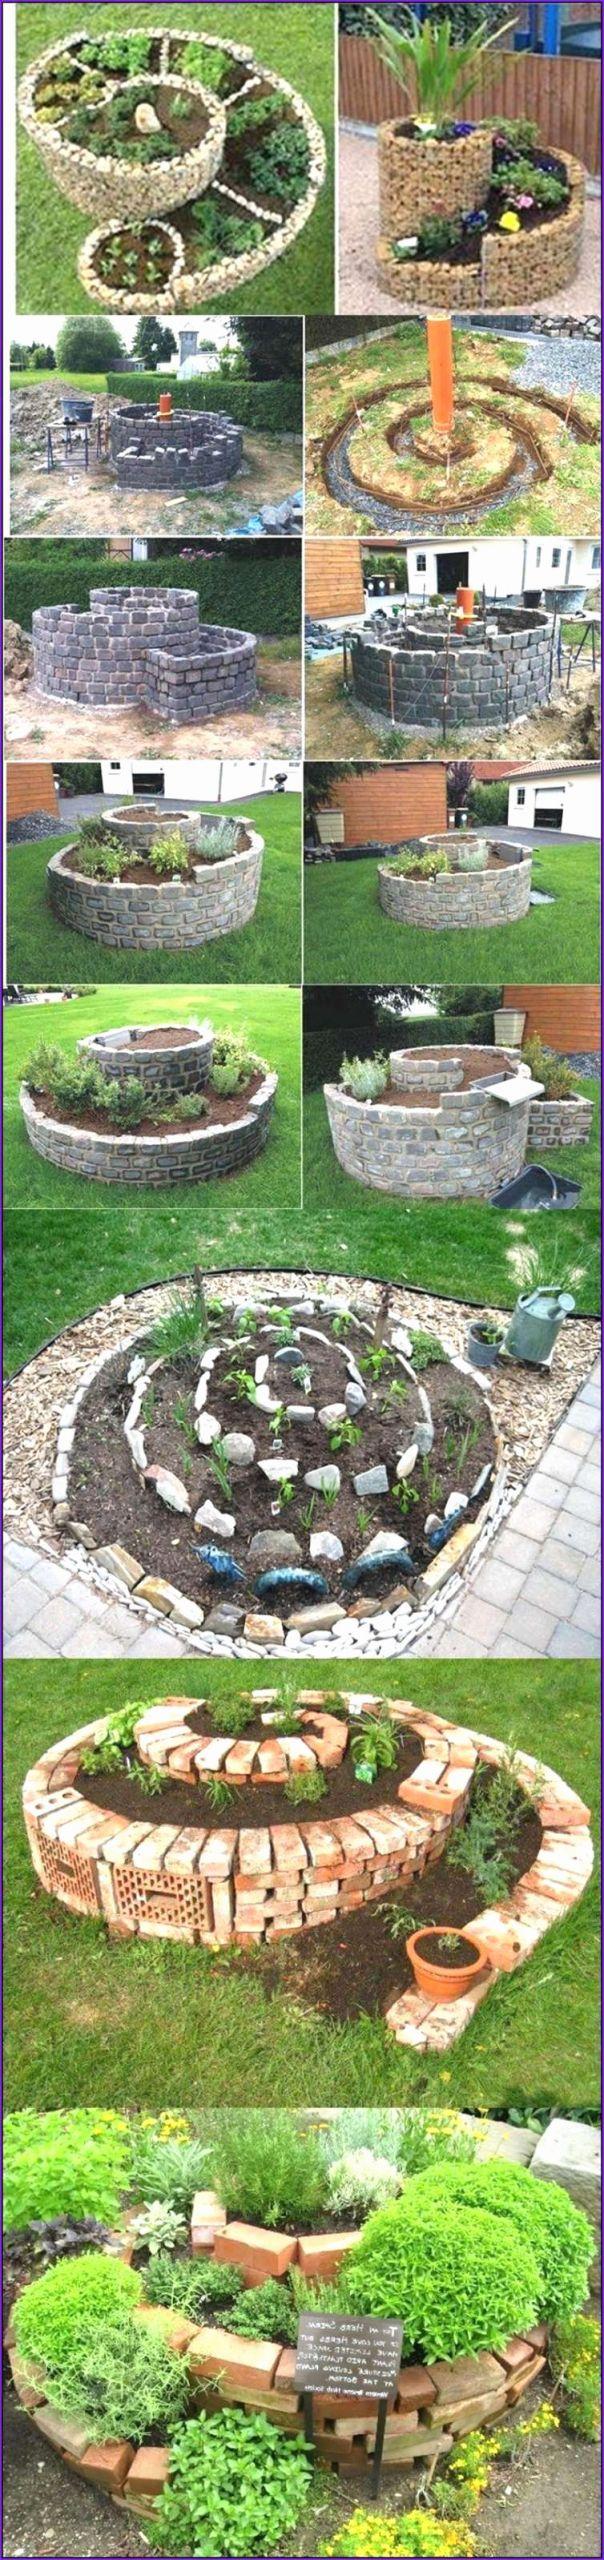 zen rock garden lovely 45 neu zen garten anlegen foto of zen rock garden